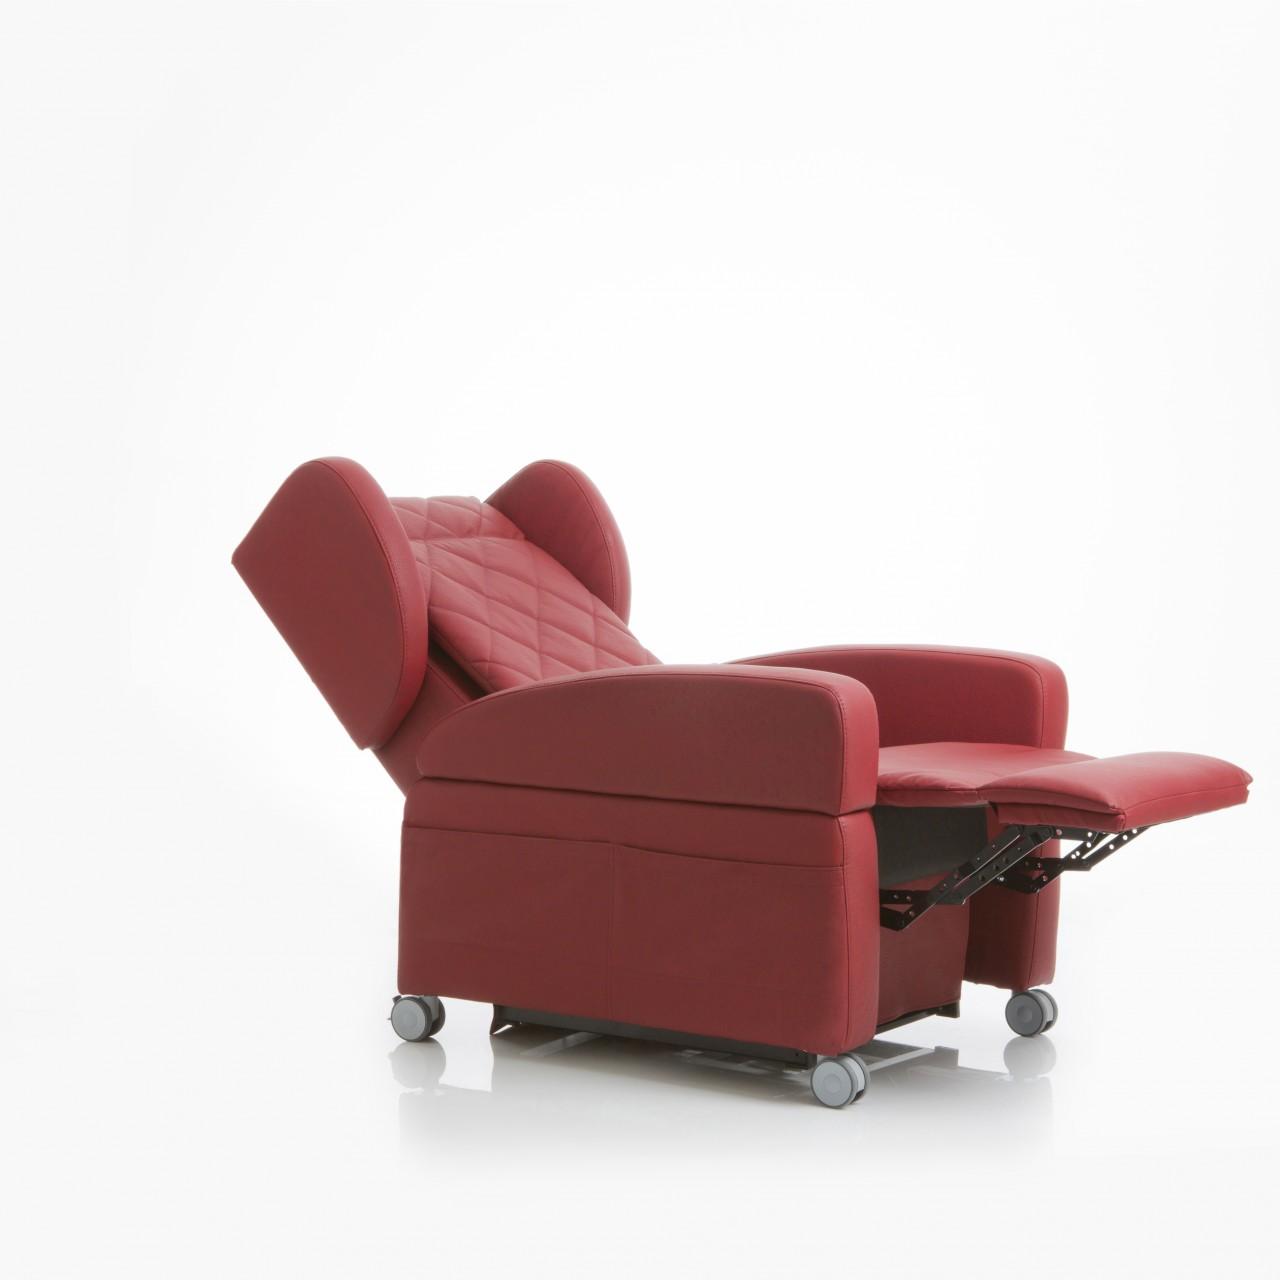 Poltrone reclinabili relaxare